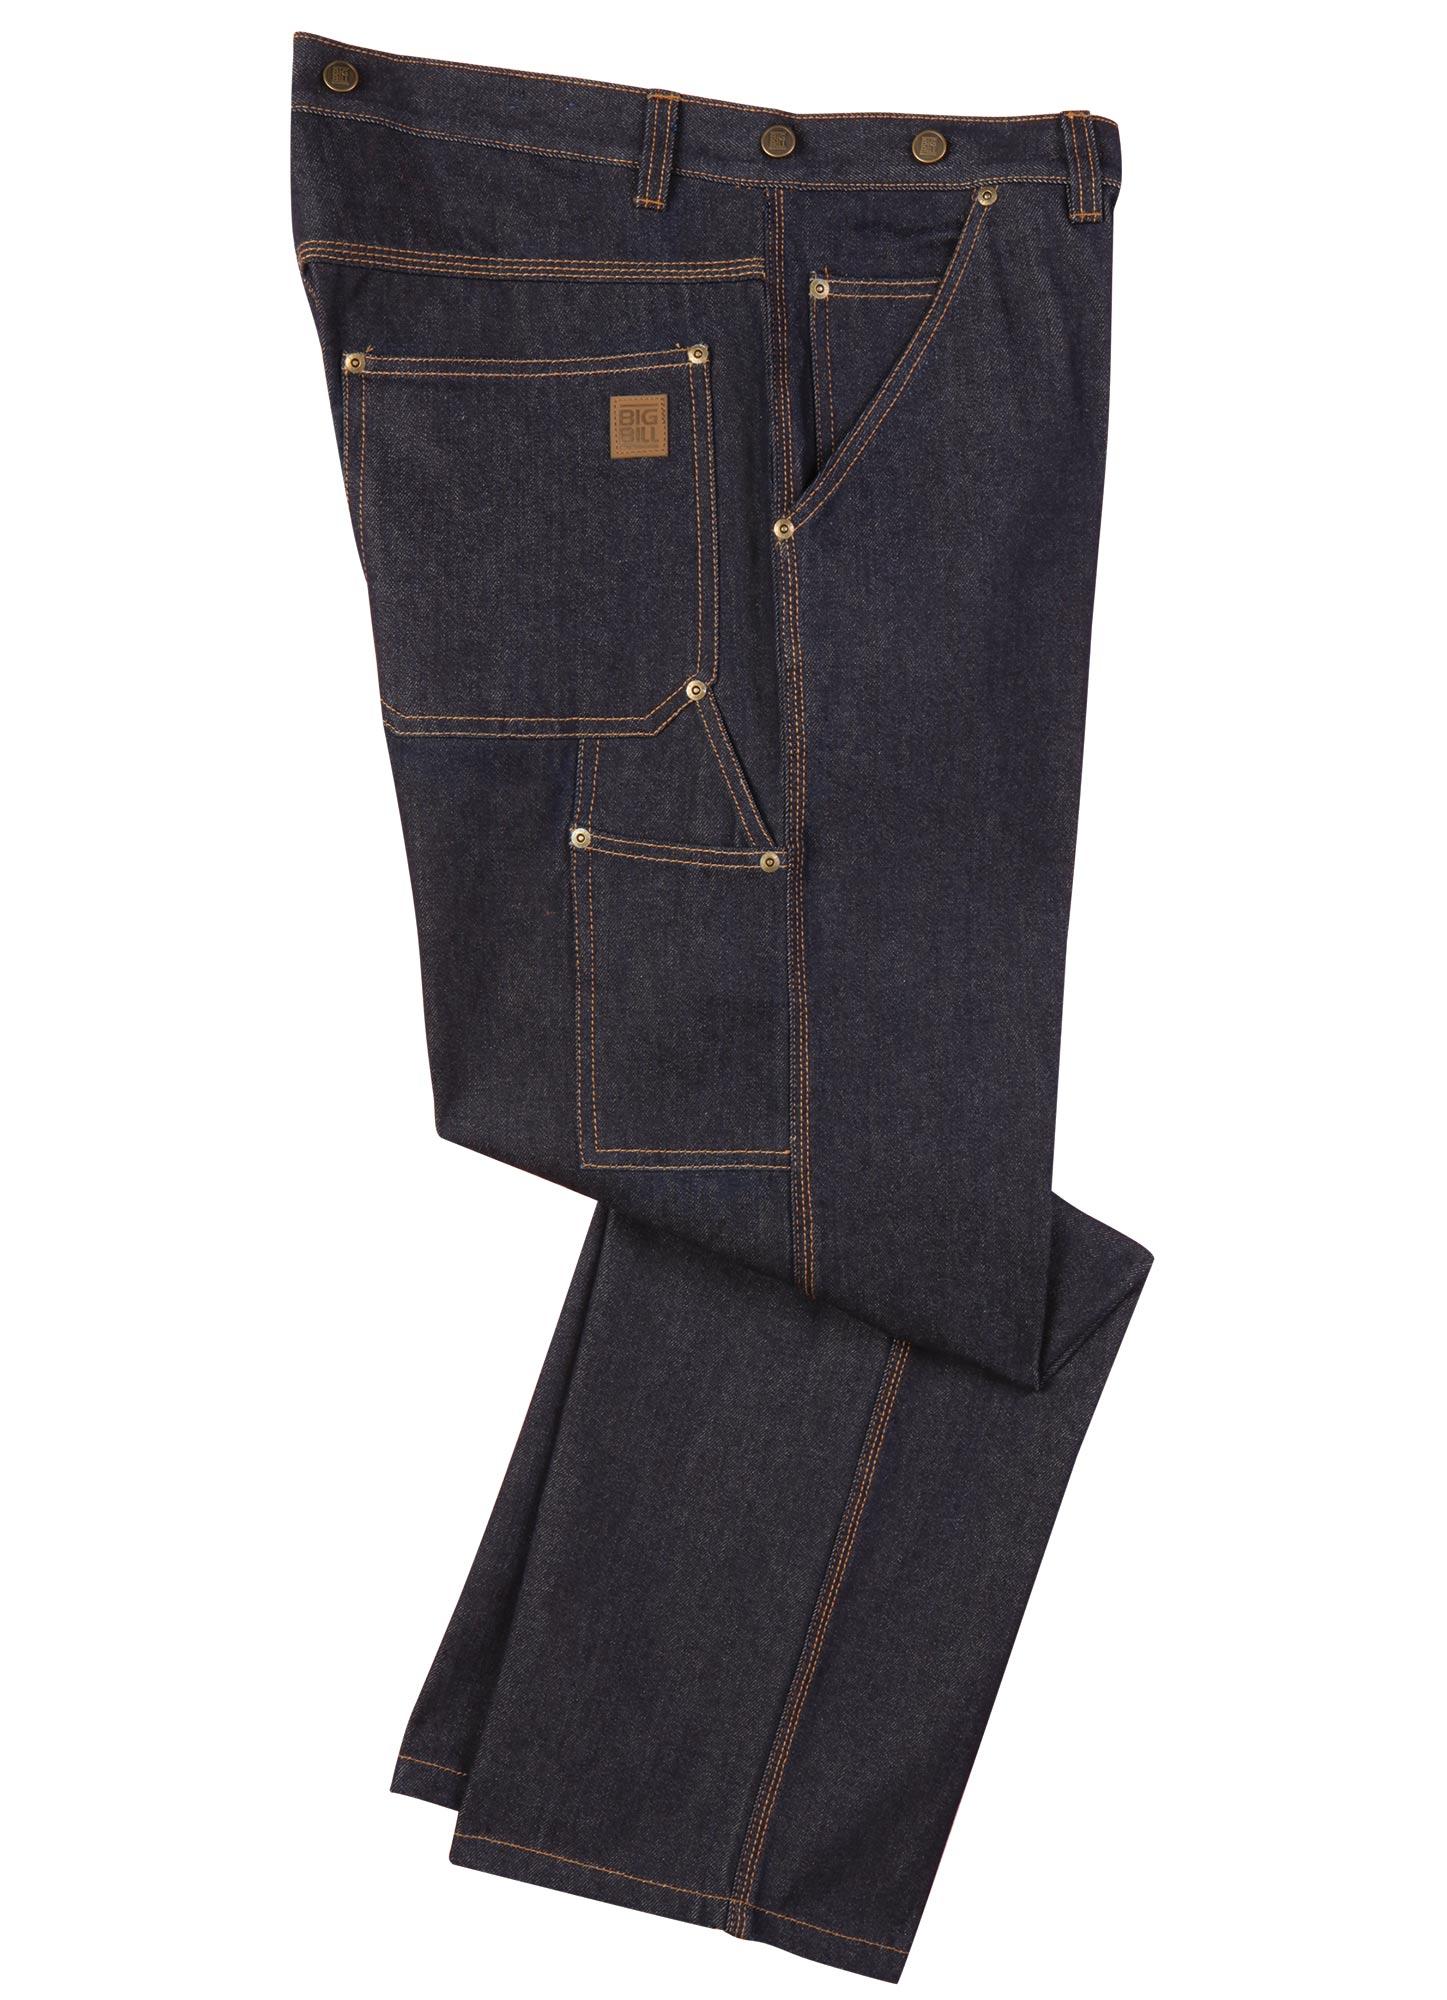 Big Bill Logger Fit Heavy Duty Jeans 1983x